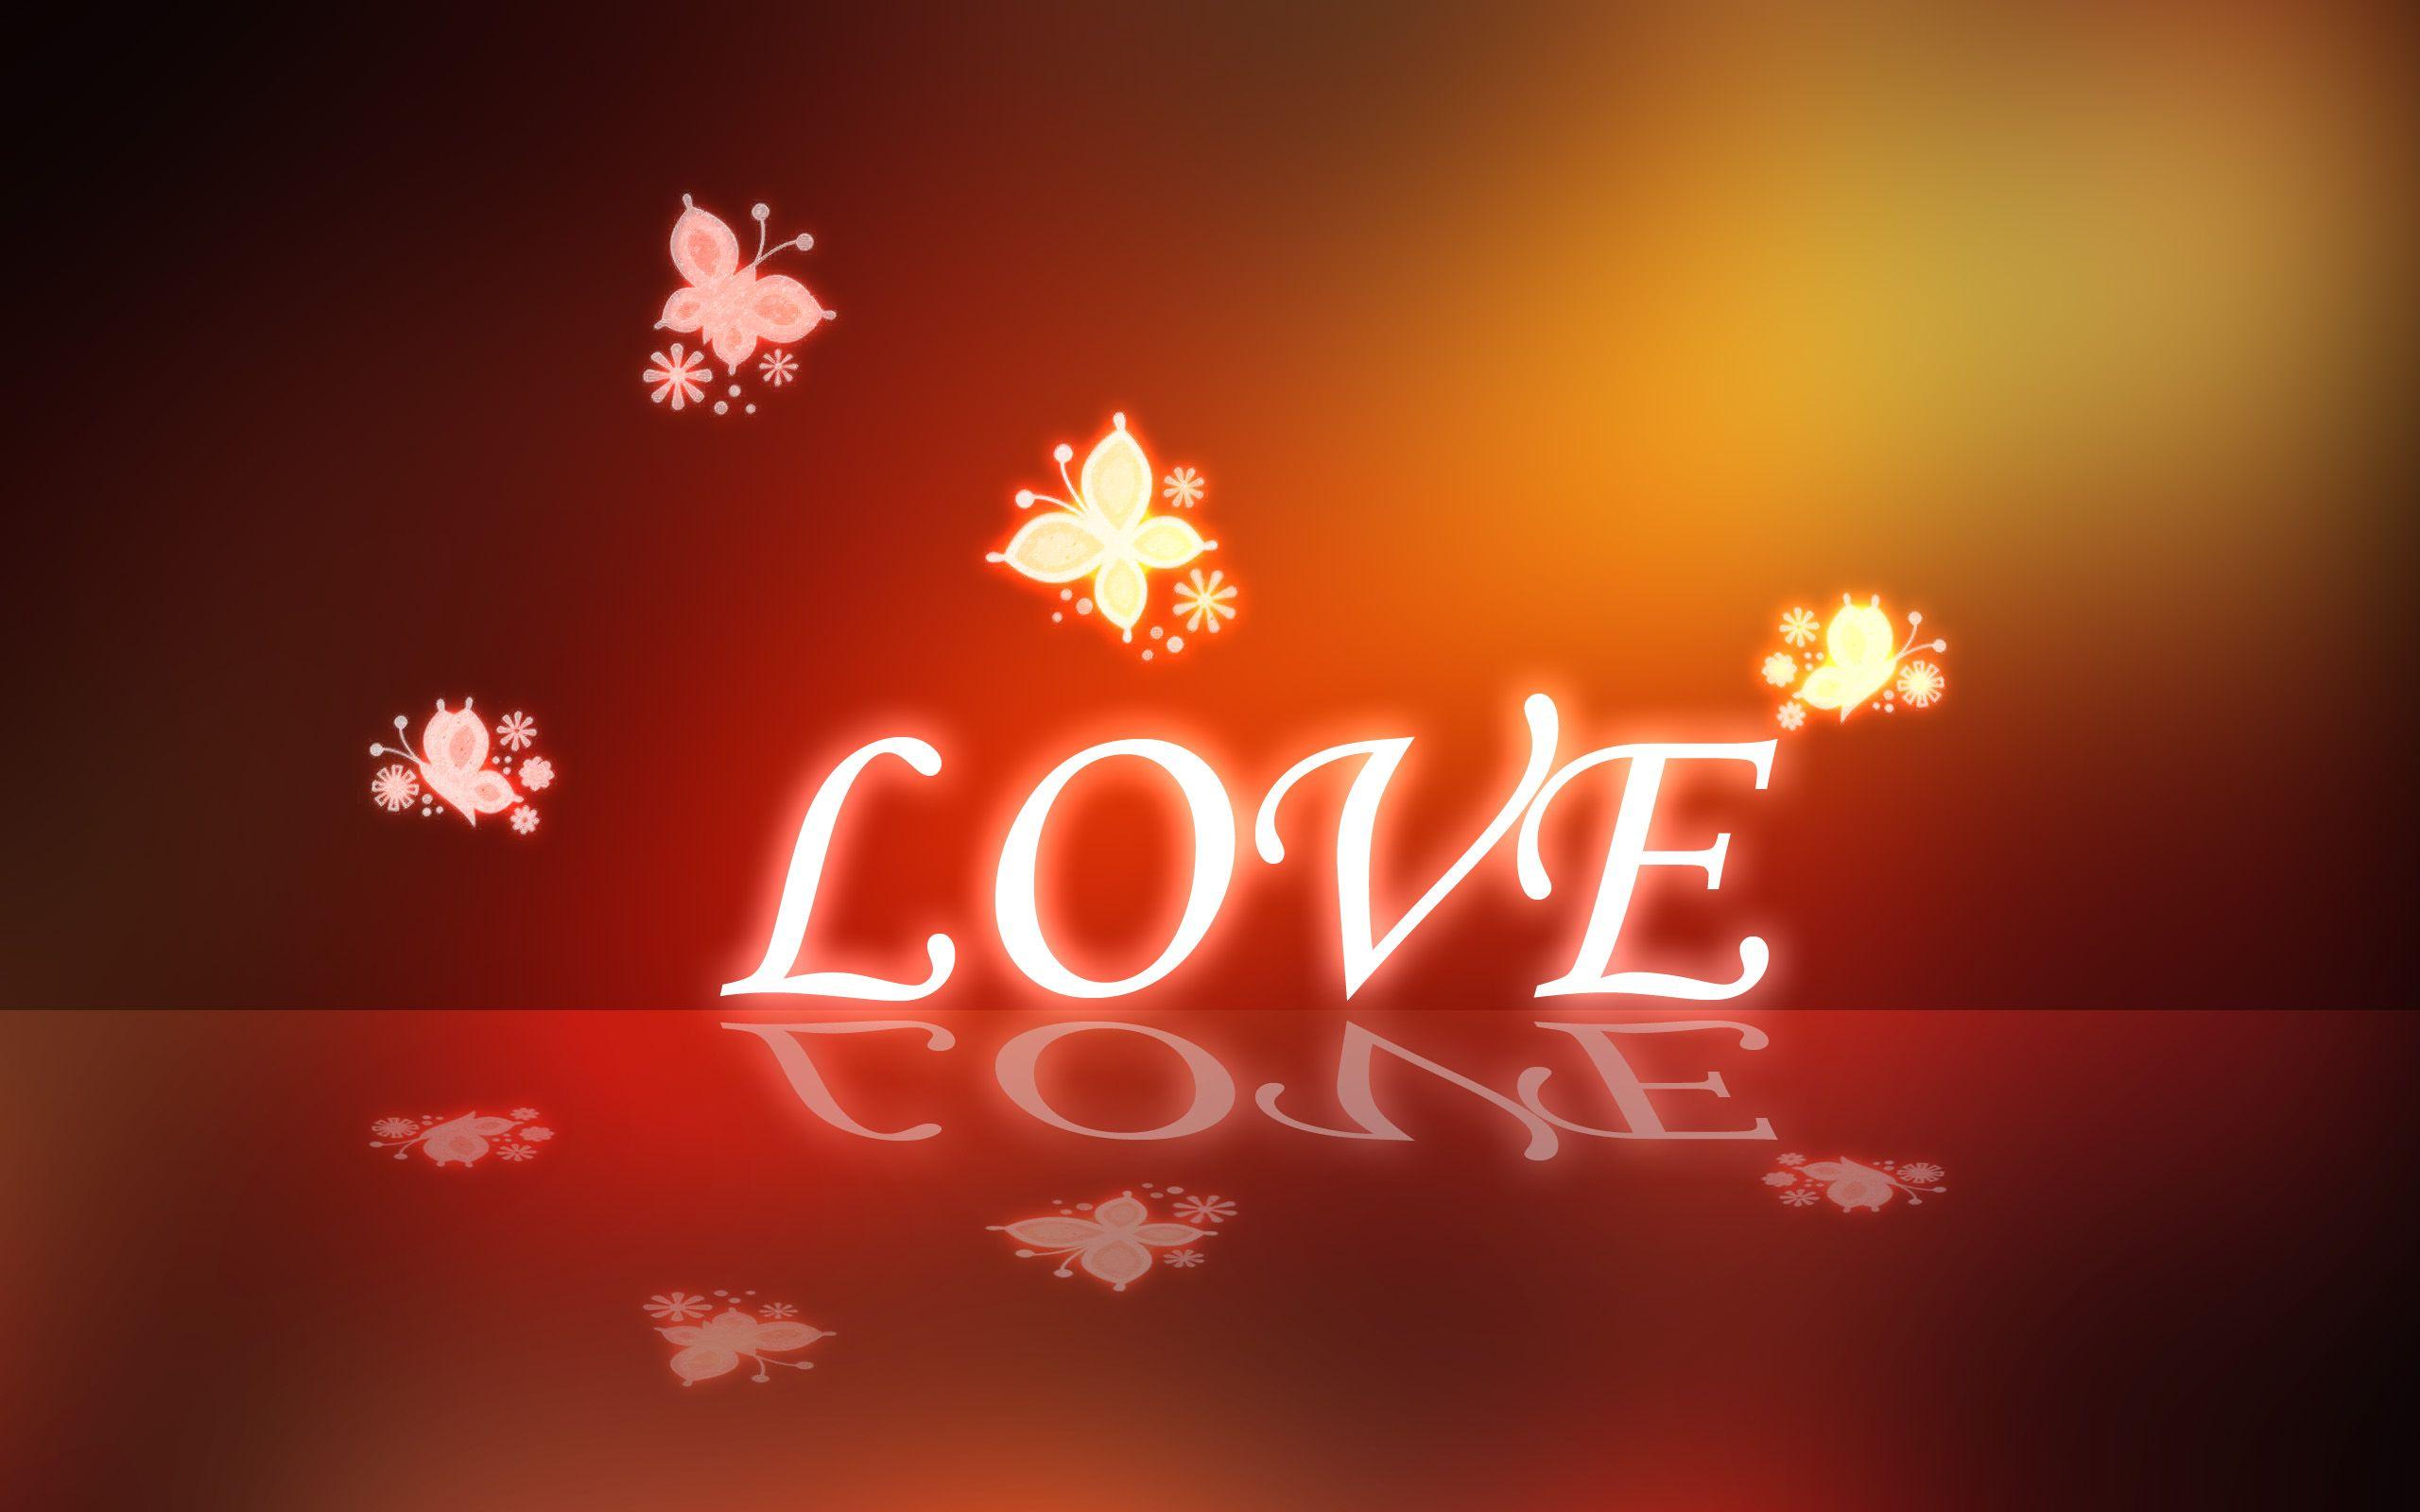 Надпись картинка про любовь